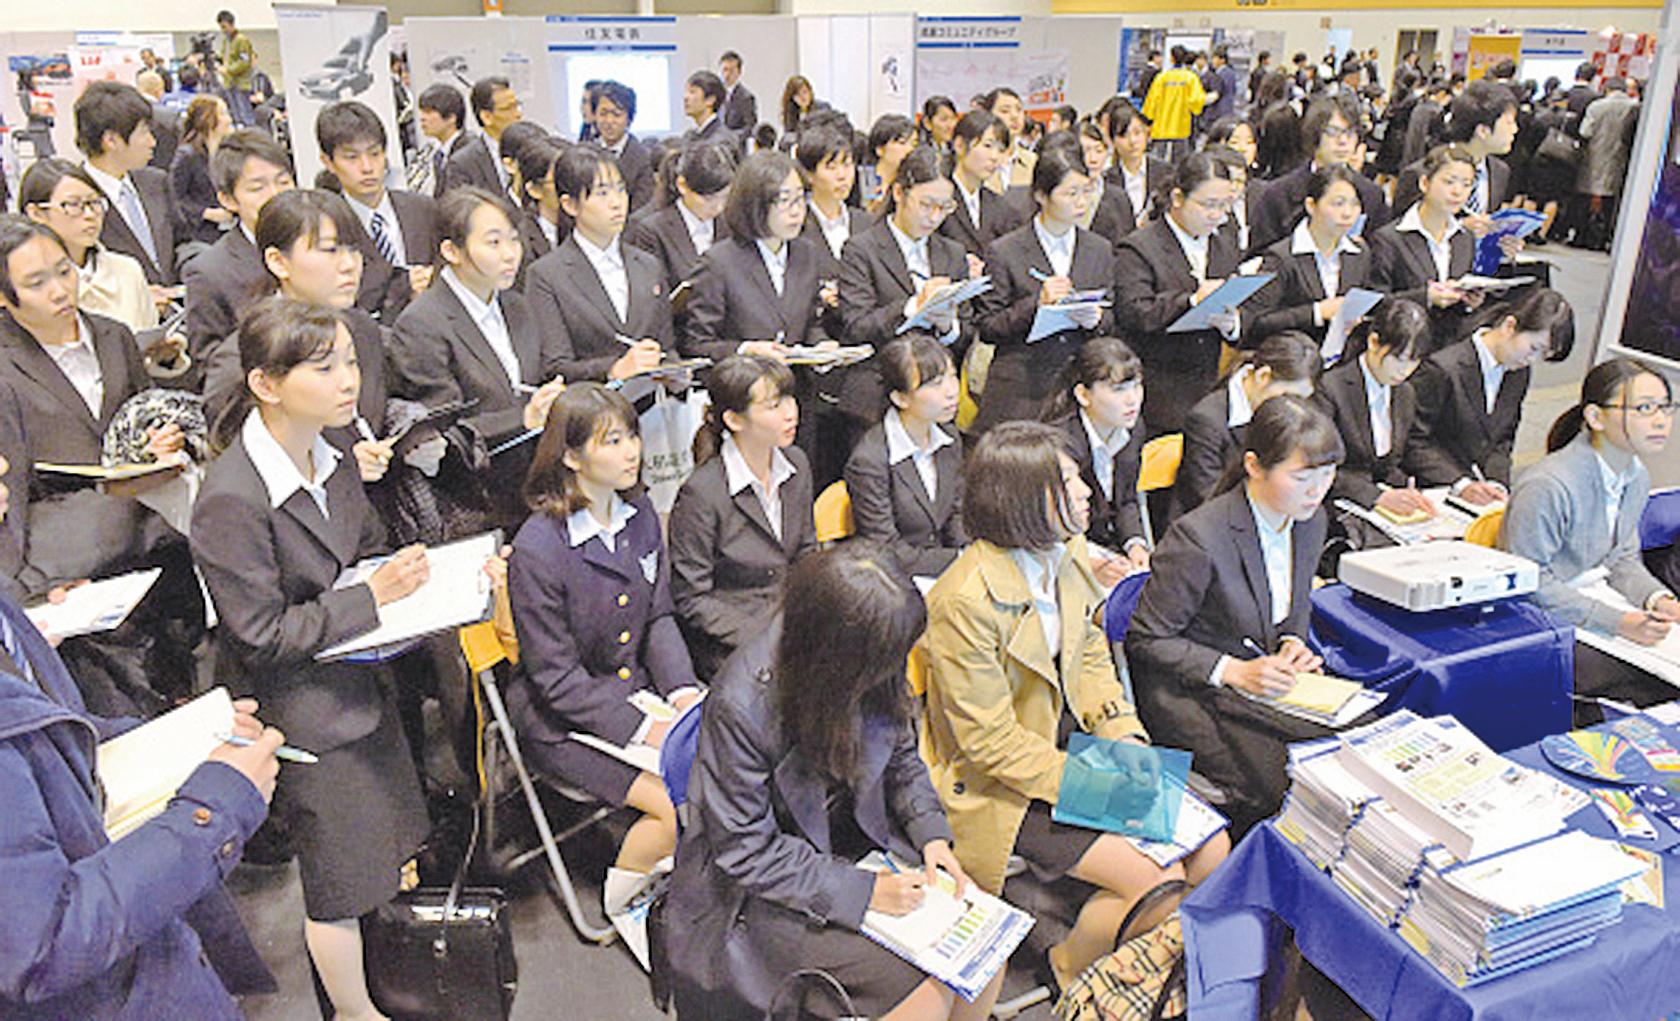 日本人口經濟學者主張,應該更大範圍地接納在日本留學的外國留學生。圖為日本一企業展開就職說明會。(Getty Images)